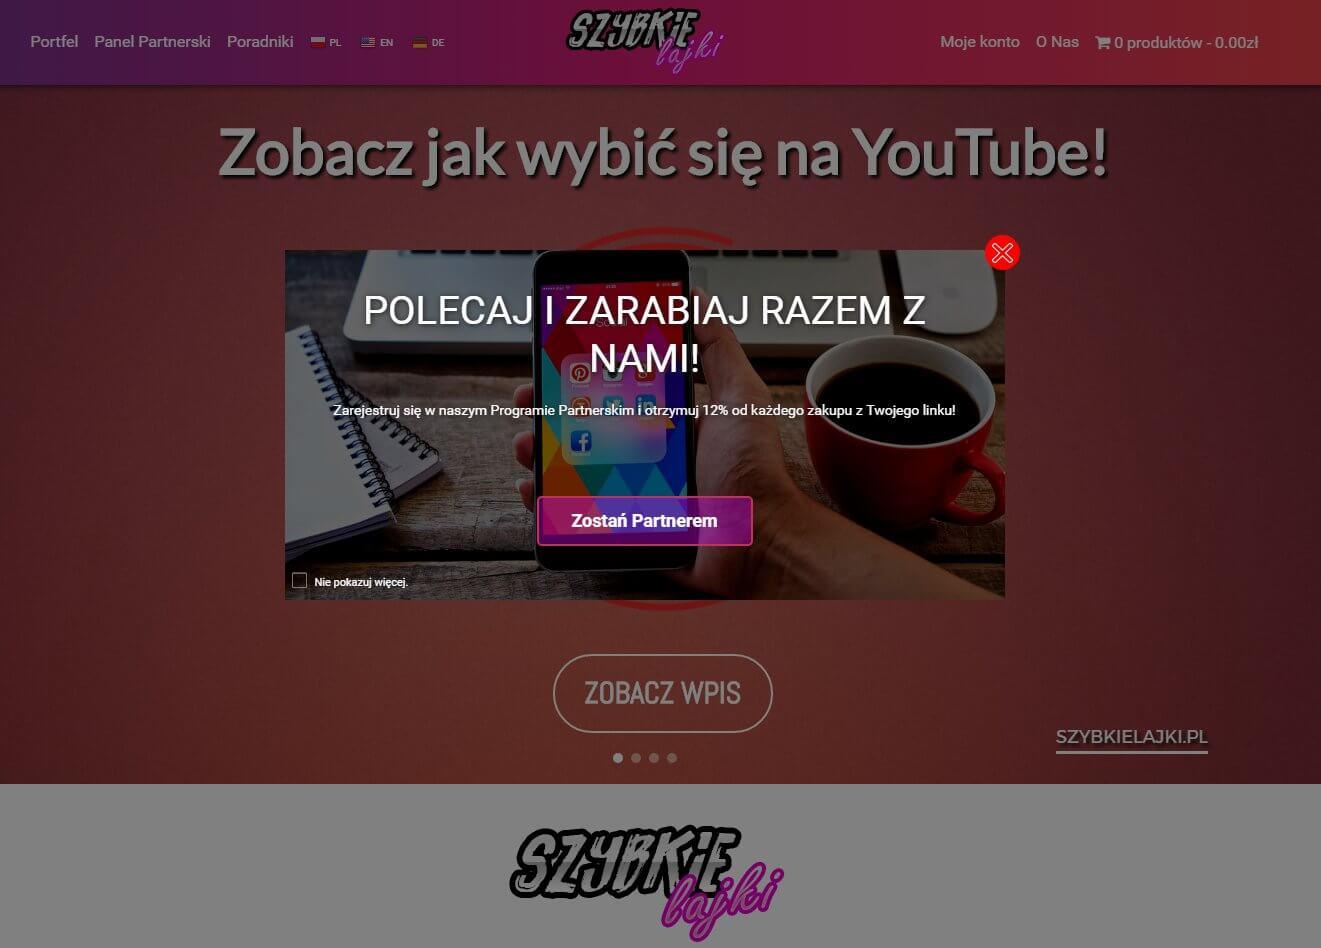 zarabianie szybkielajki.pl